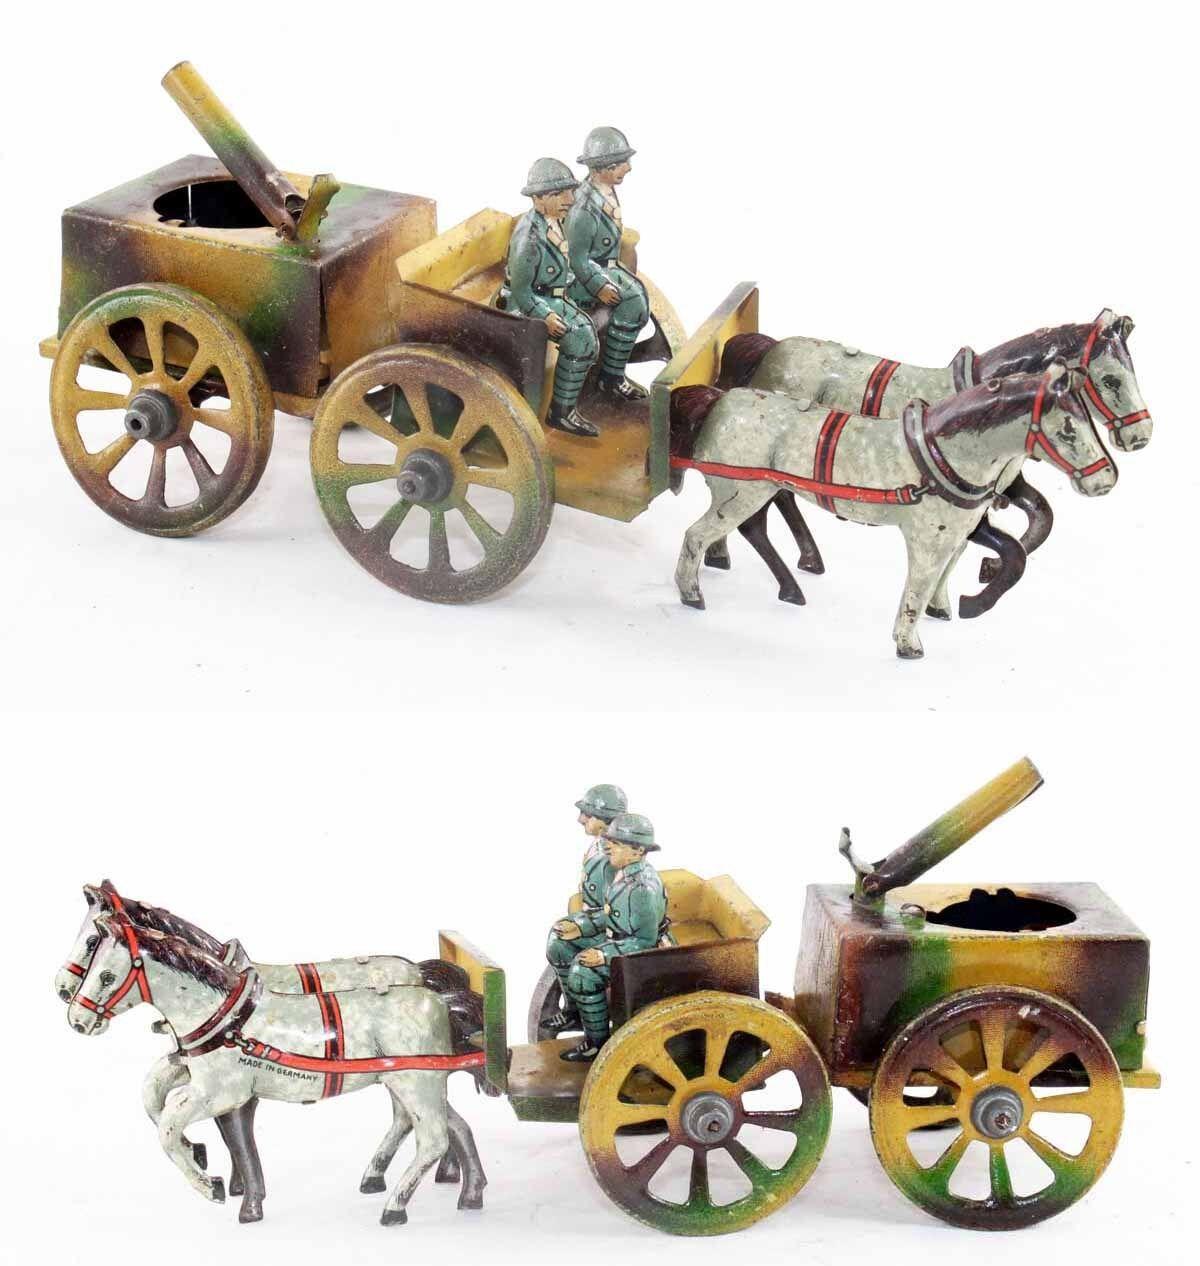 PENNY Spielzeug Militär deutsch / antik TOY Spielzeug antik